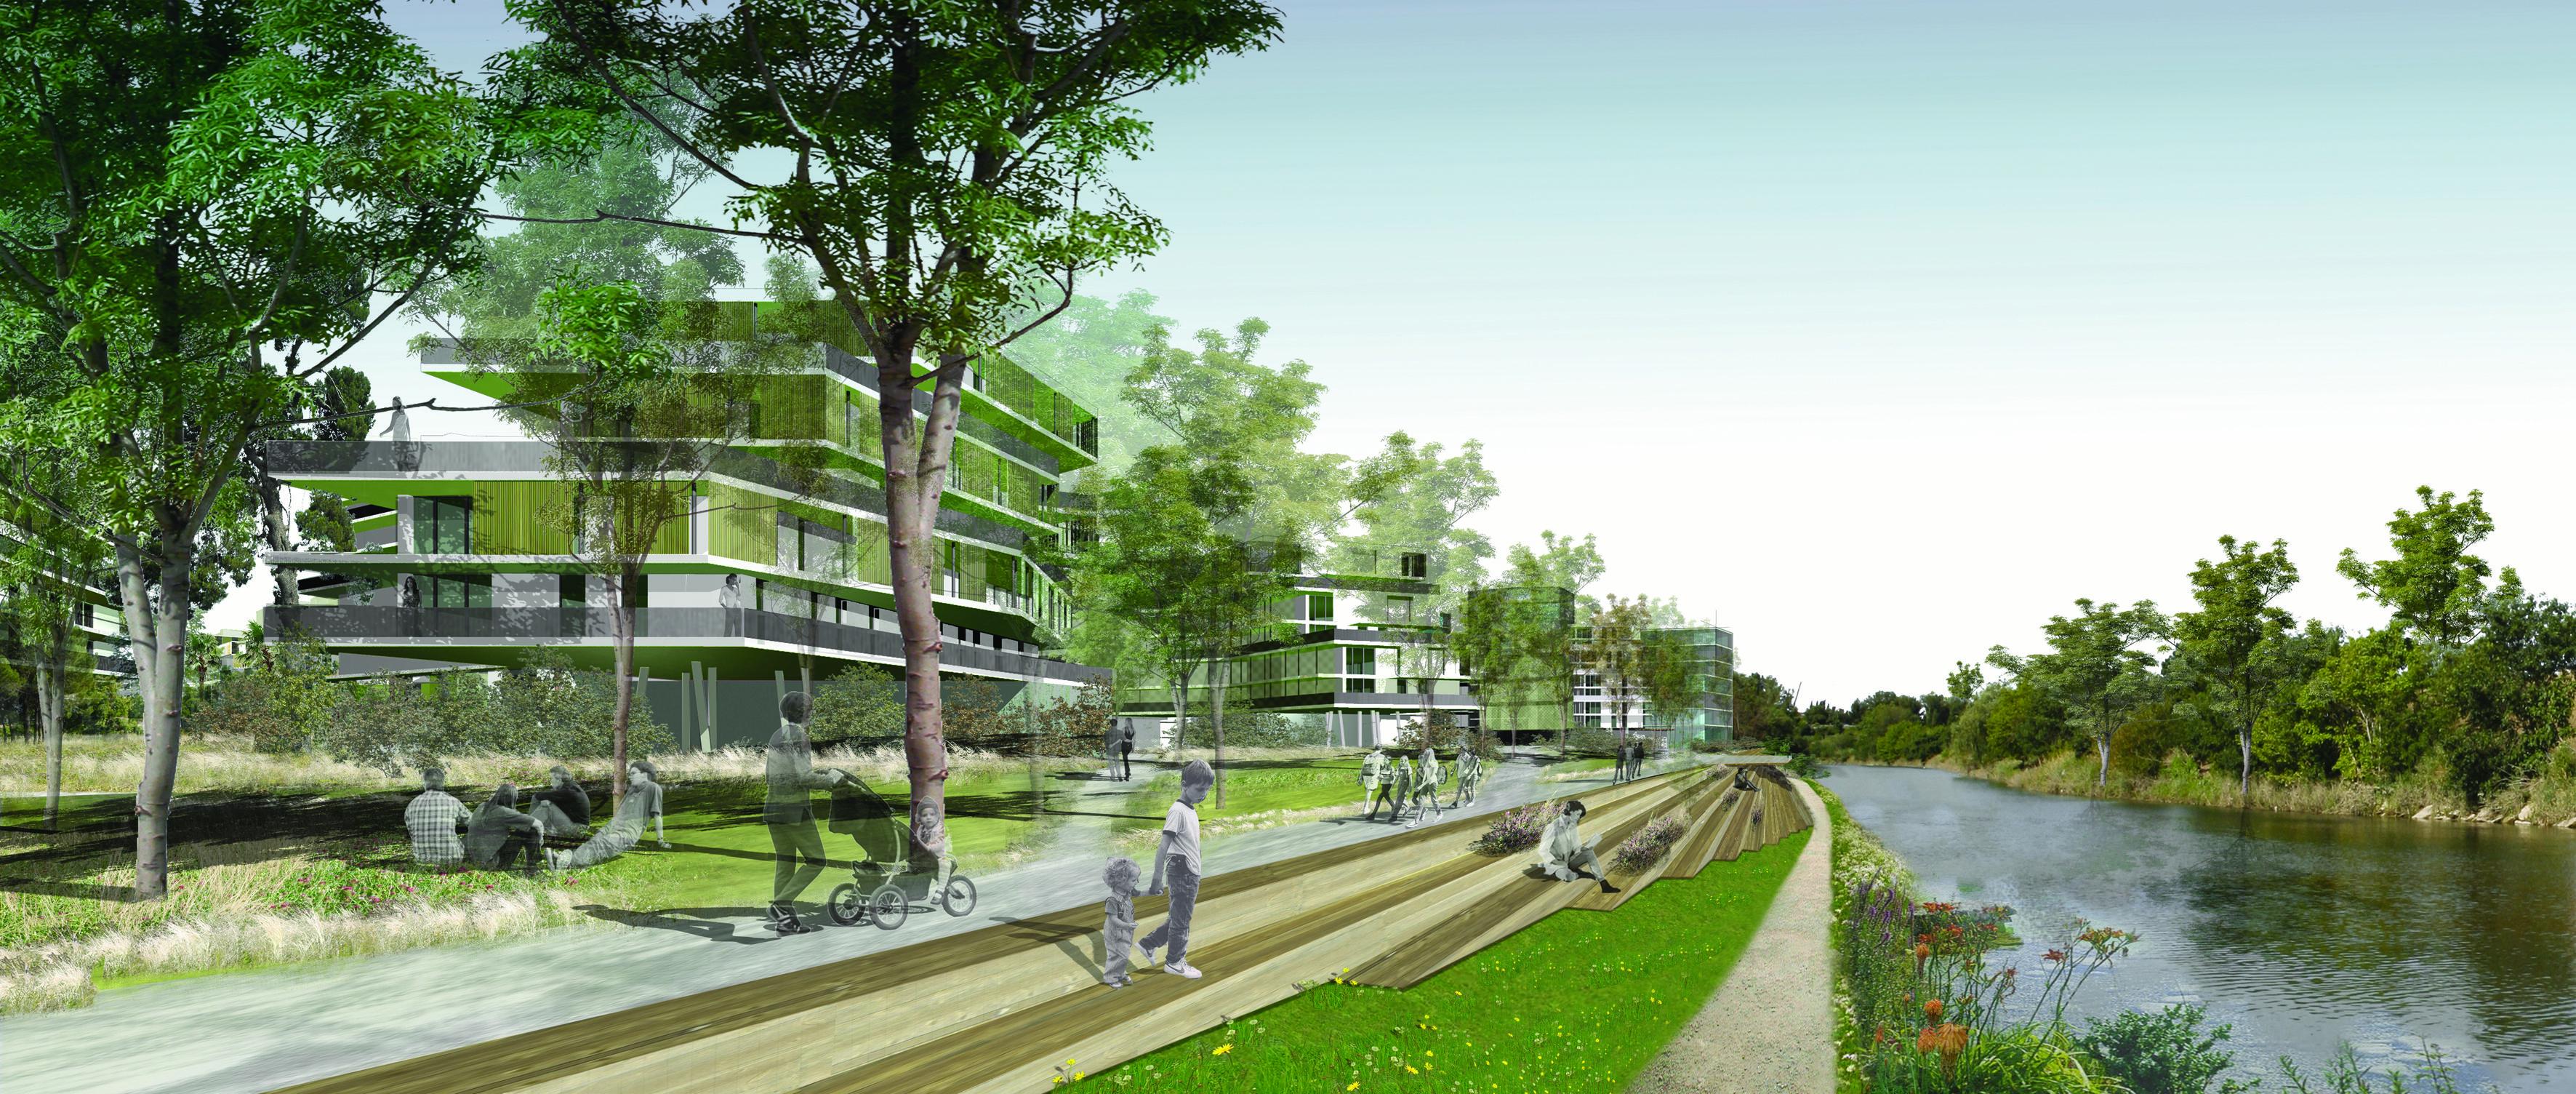 Port Marianne - Quartier Rive Gauche - perspective Pierre Tourre